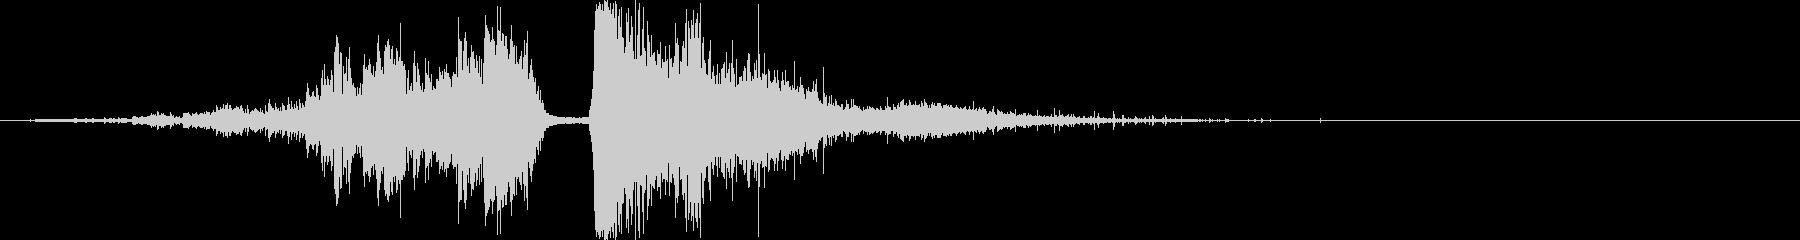 水魔法の音1(巨大な水の球をぶつける)の未再生の波形